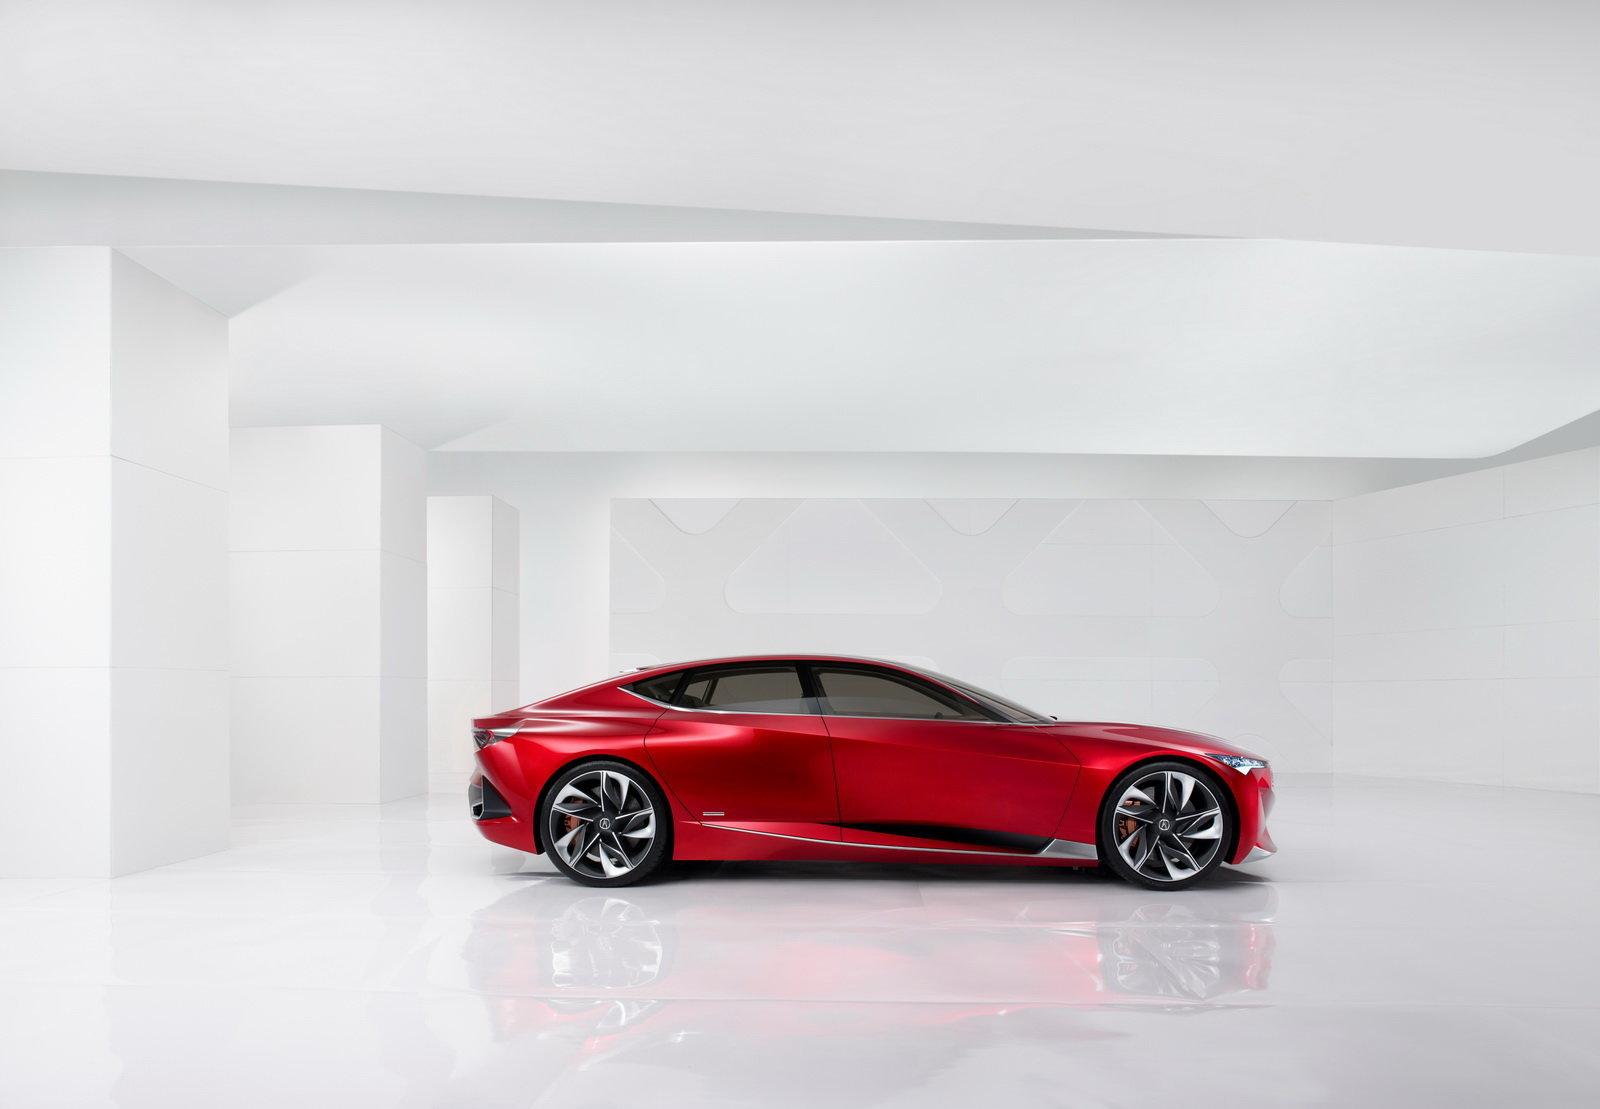 Acura Precison Concept 2016 – Profile